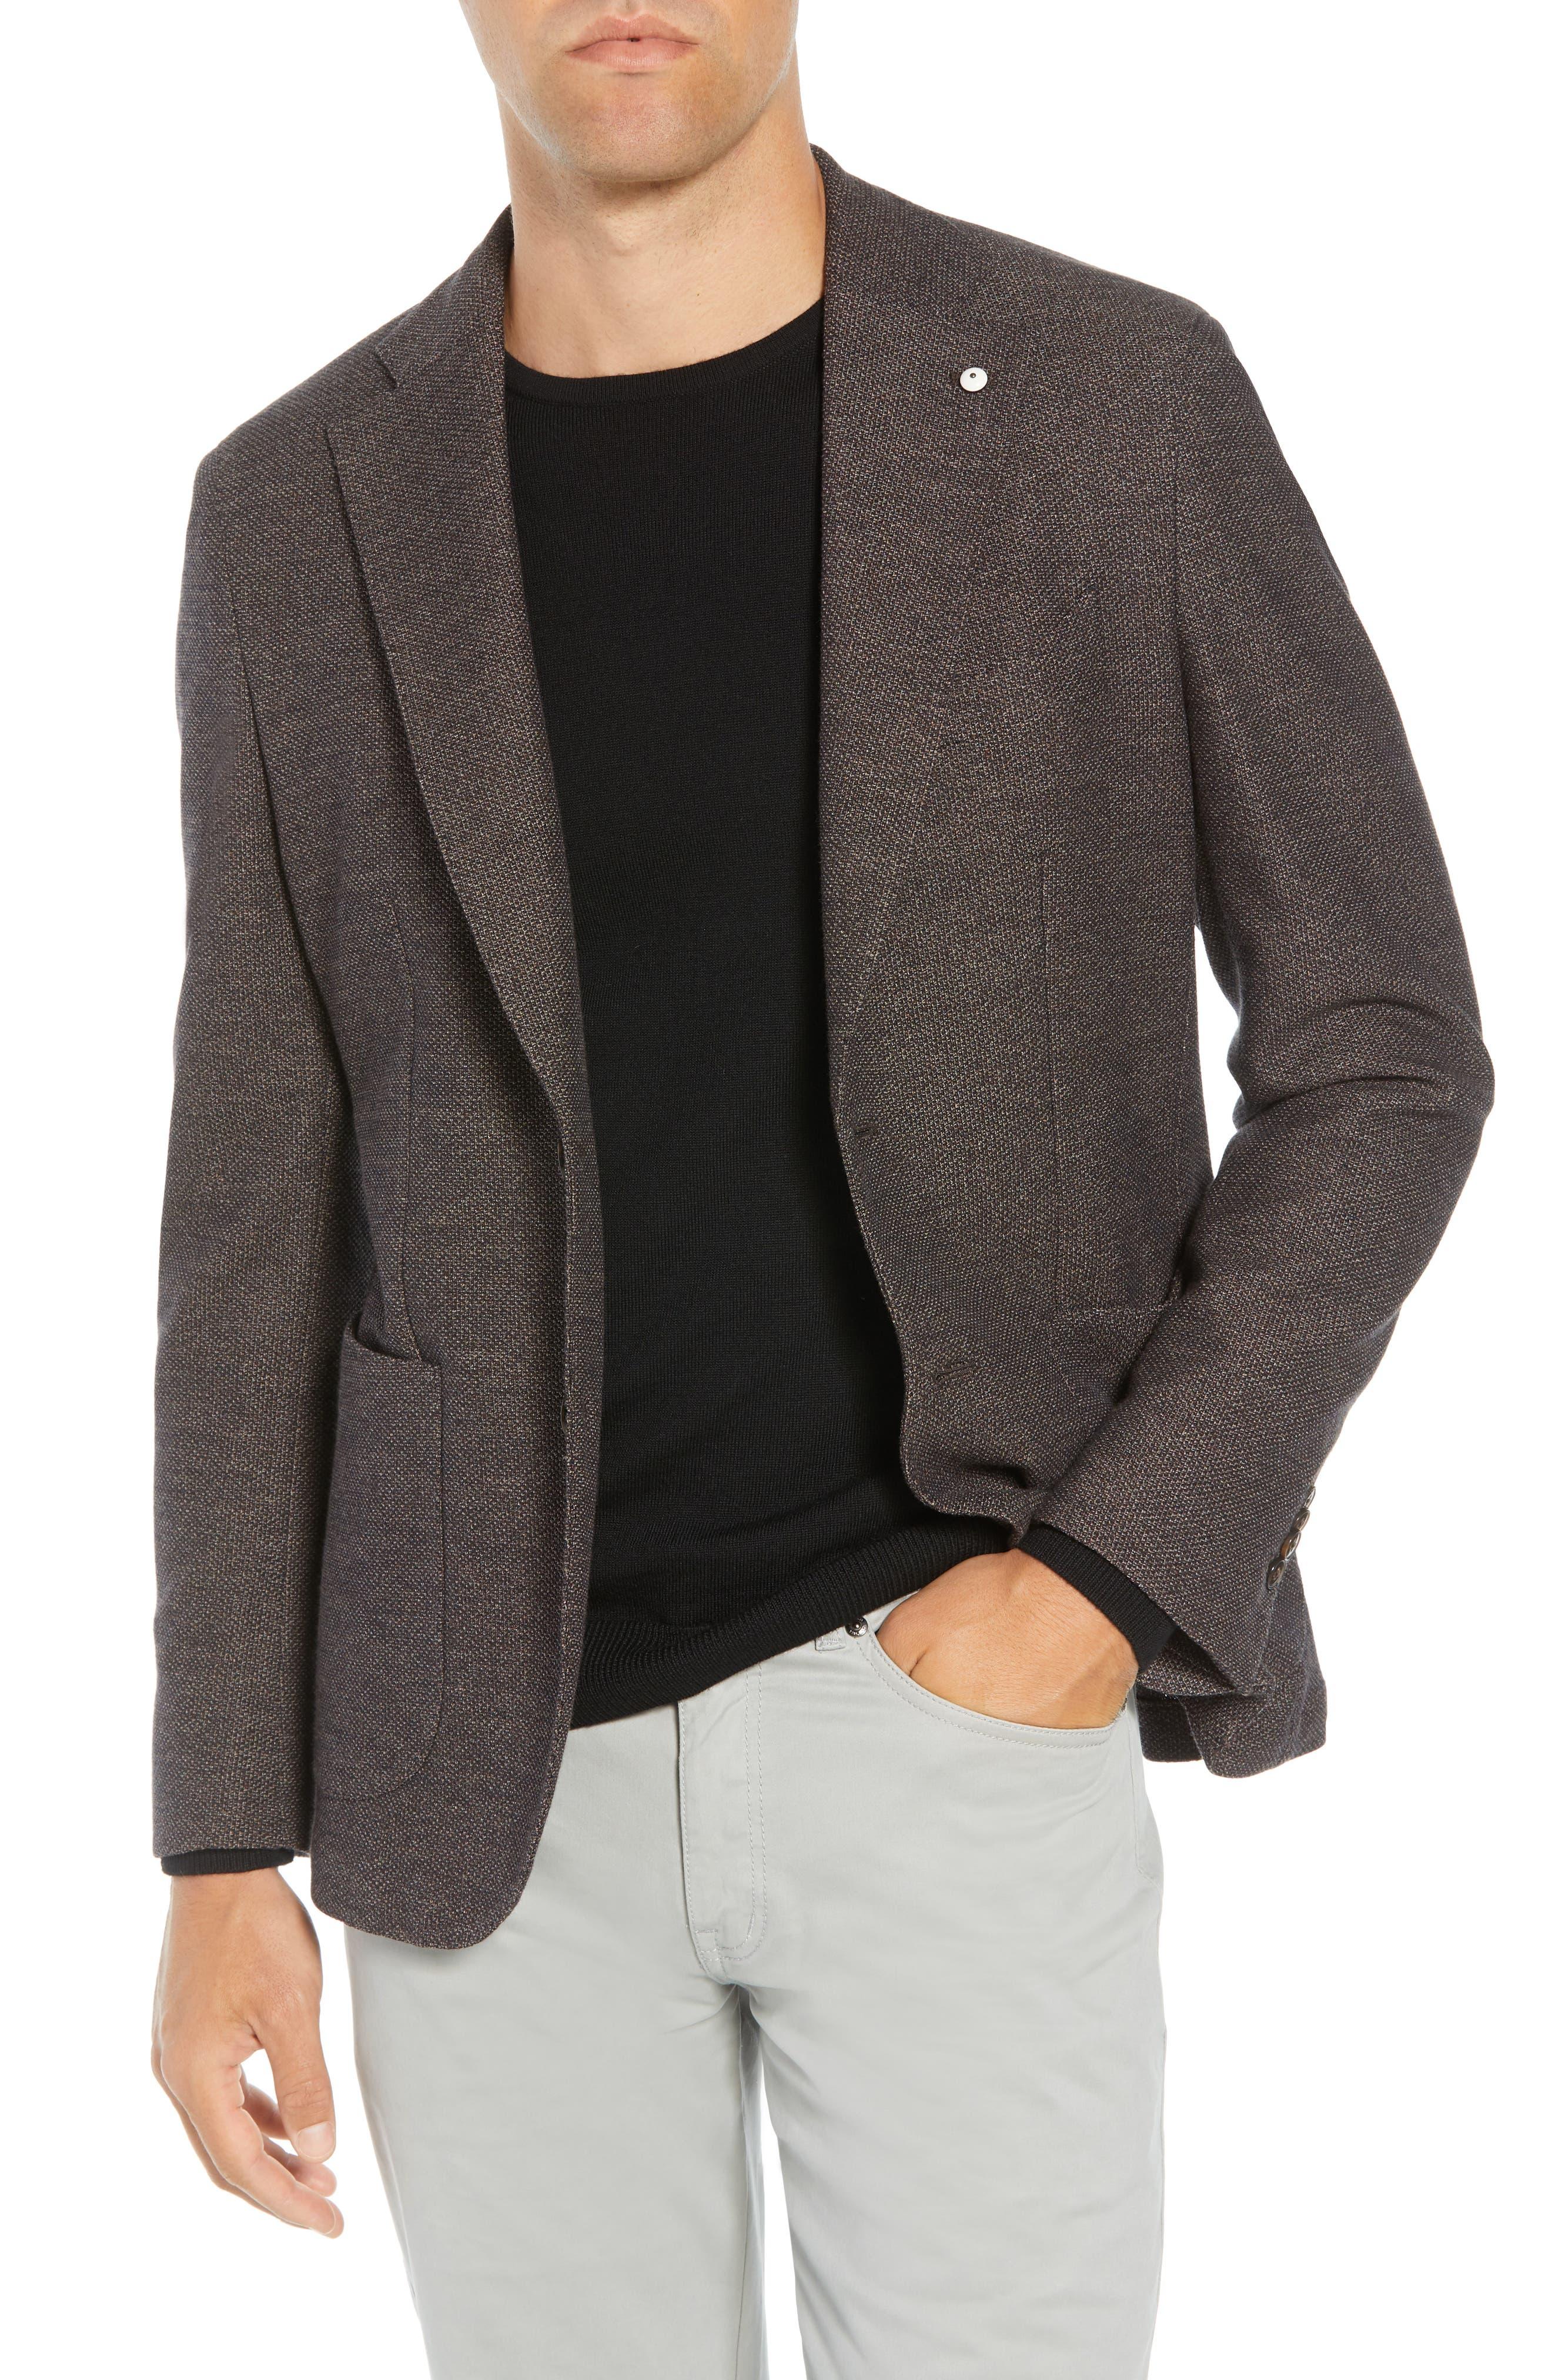 L.B.M L.B.M 1911 Classic Fit Wool & Cotton Sport Coat in Brown